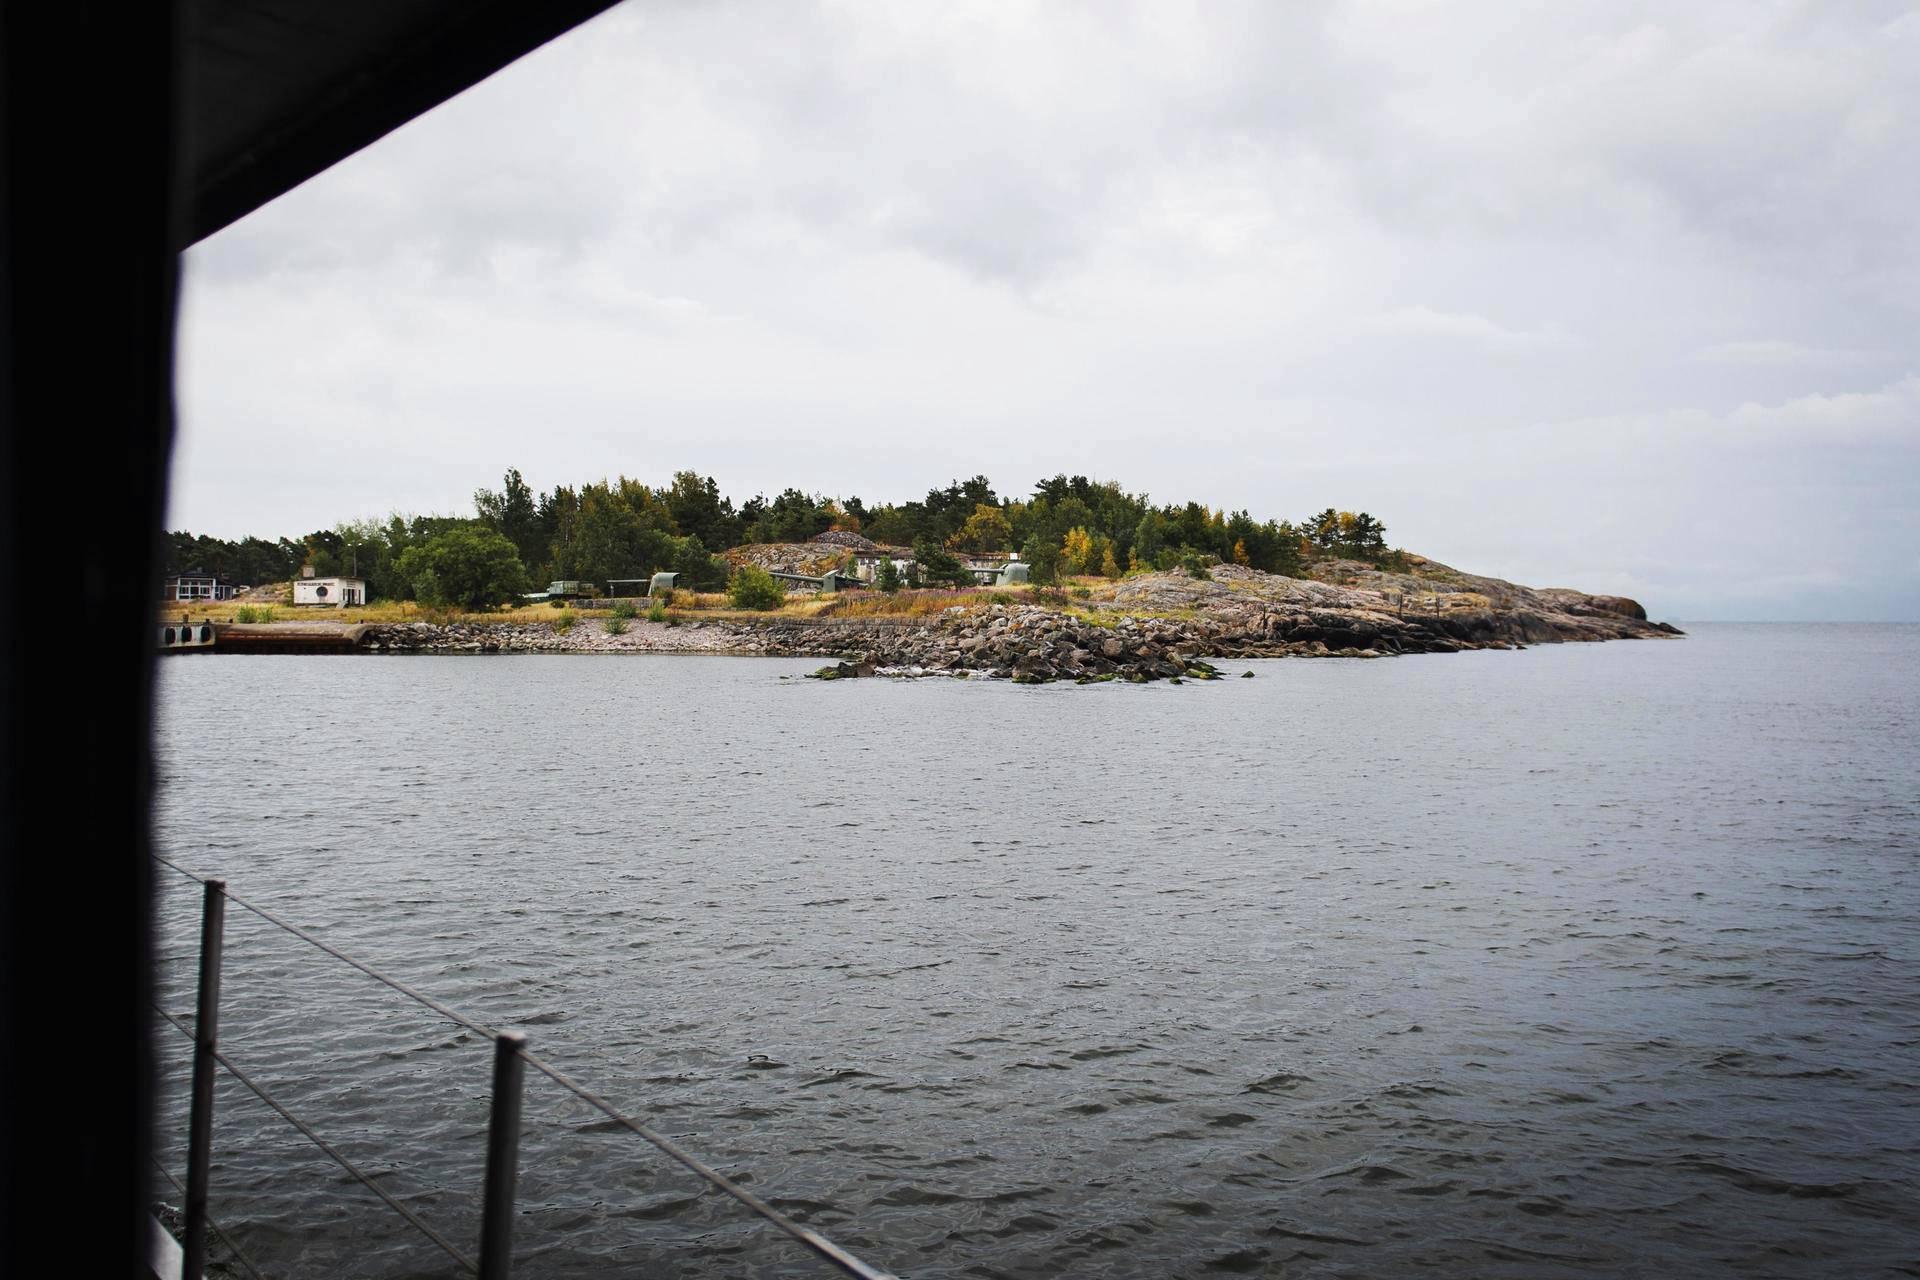 Kuivasaari sijaitsee Isosaaren ja Harmajan välissä. Saari on noin 600 metriä pitkä ja 300 metriä leveä.